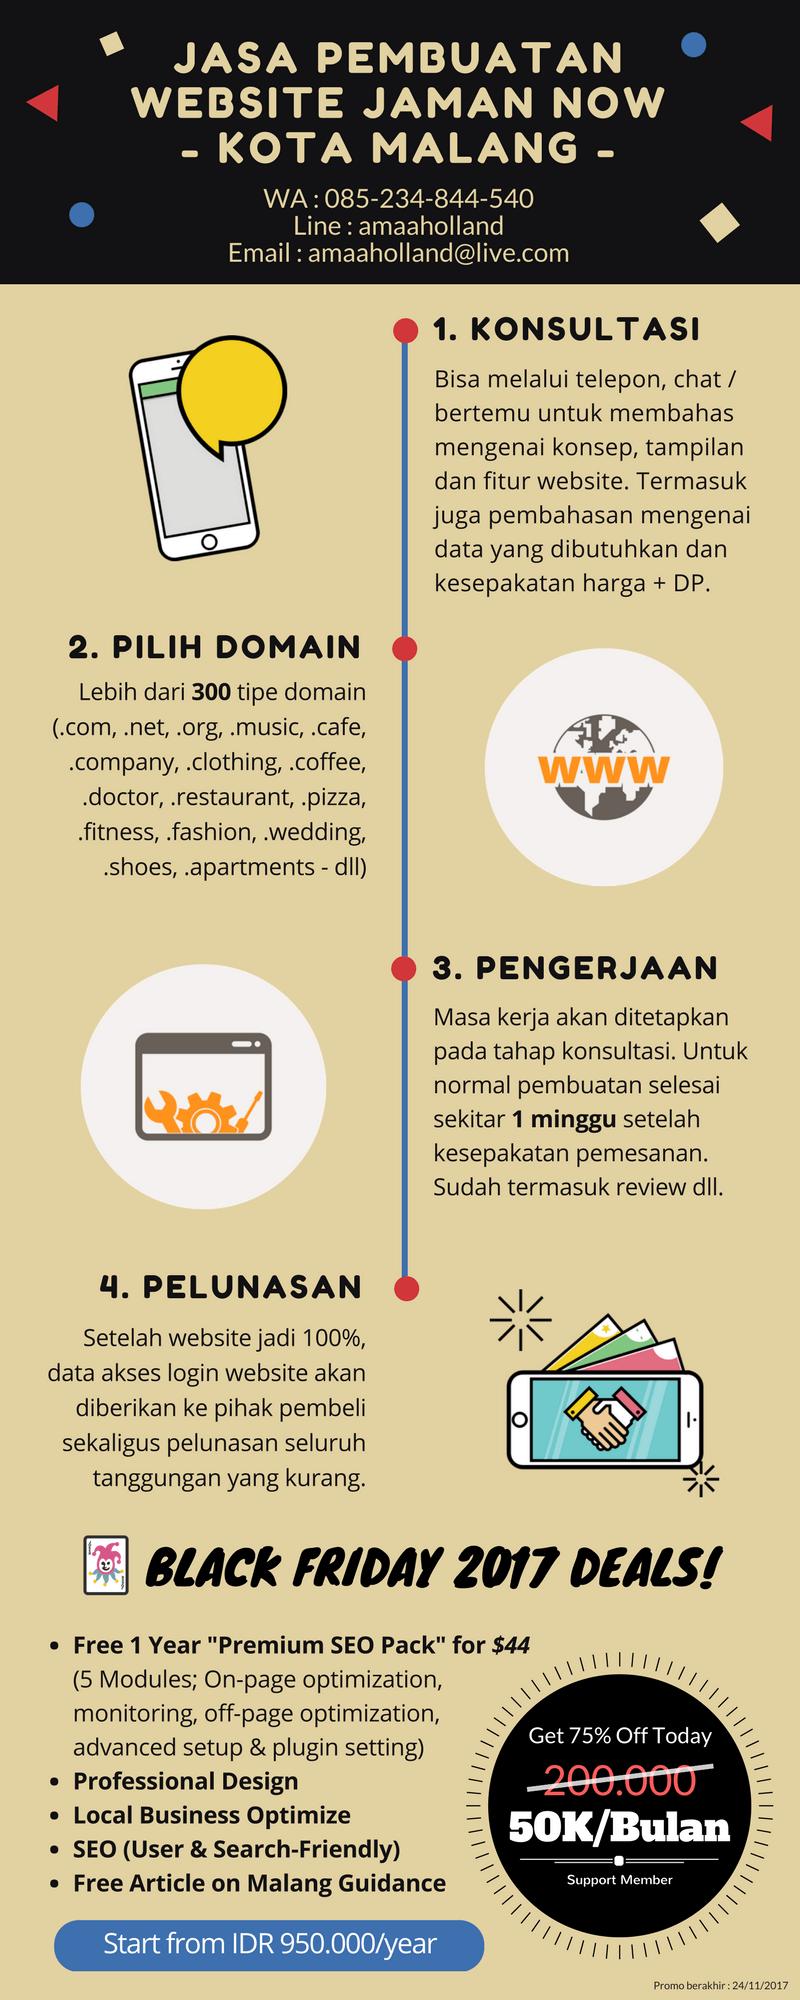 Jasa Buat Website di Kota Malang Murah & SEO-Friendly